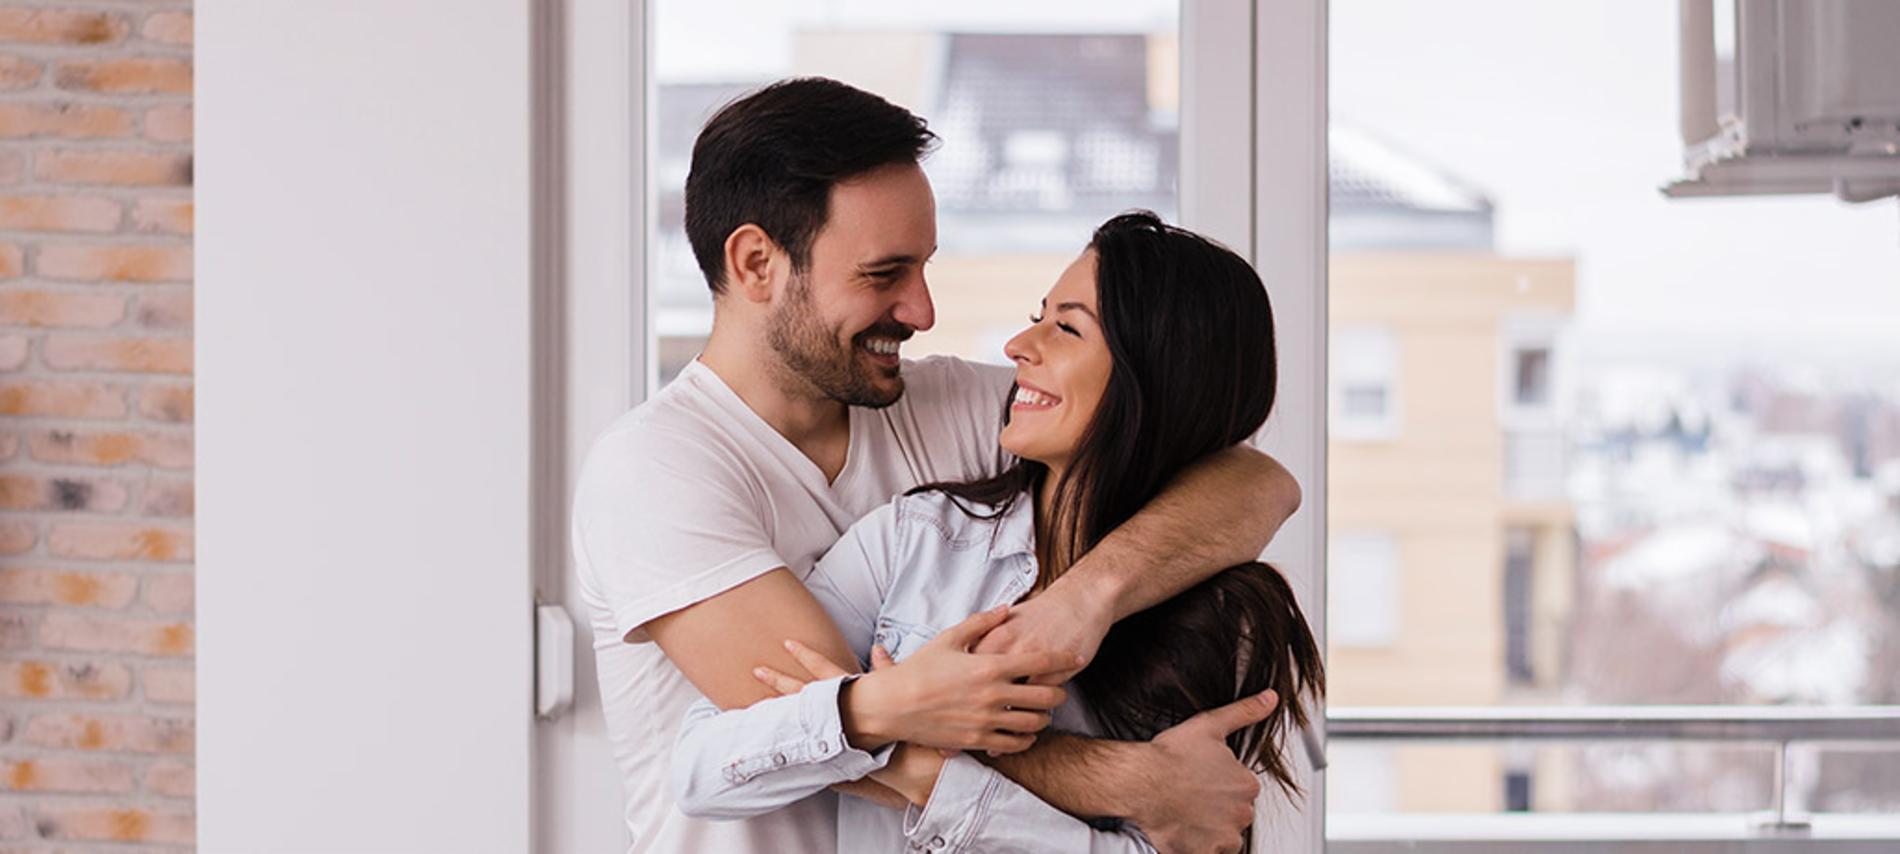 consejos-para-vivir-feliz-en-pareja-1900Wx500H?context=bWFzdGVyfGltYWdlc3wxMDgxNzl8aW1hZ2UvanBlZ3xoM